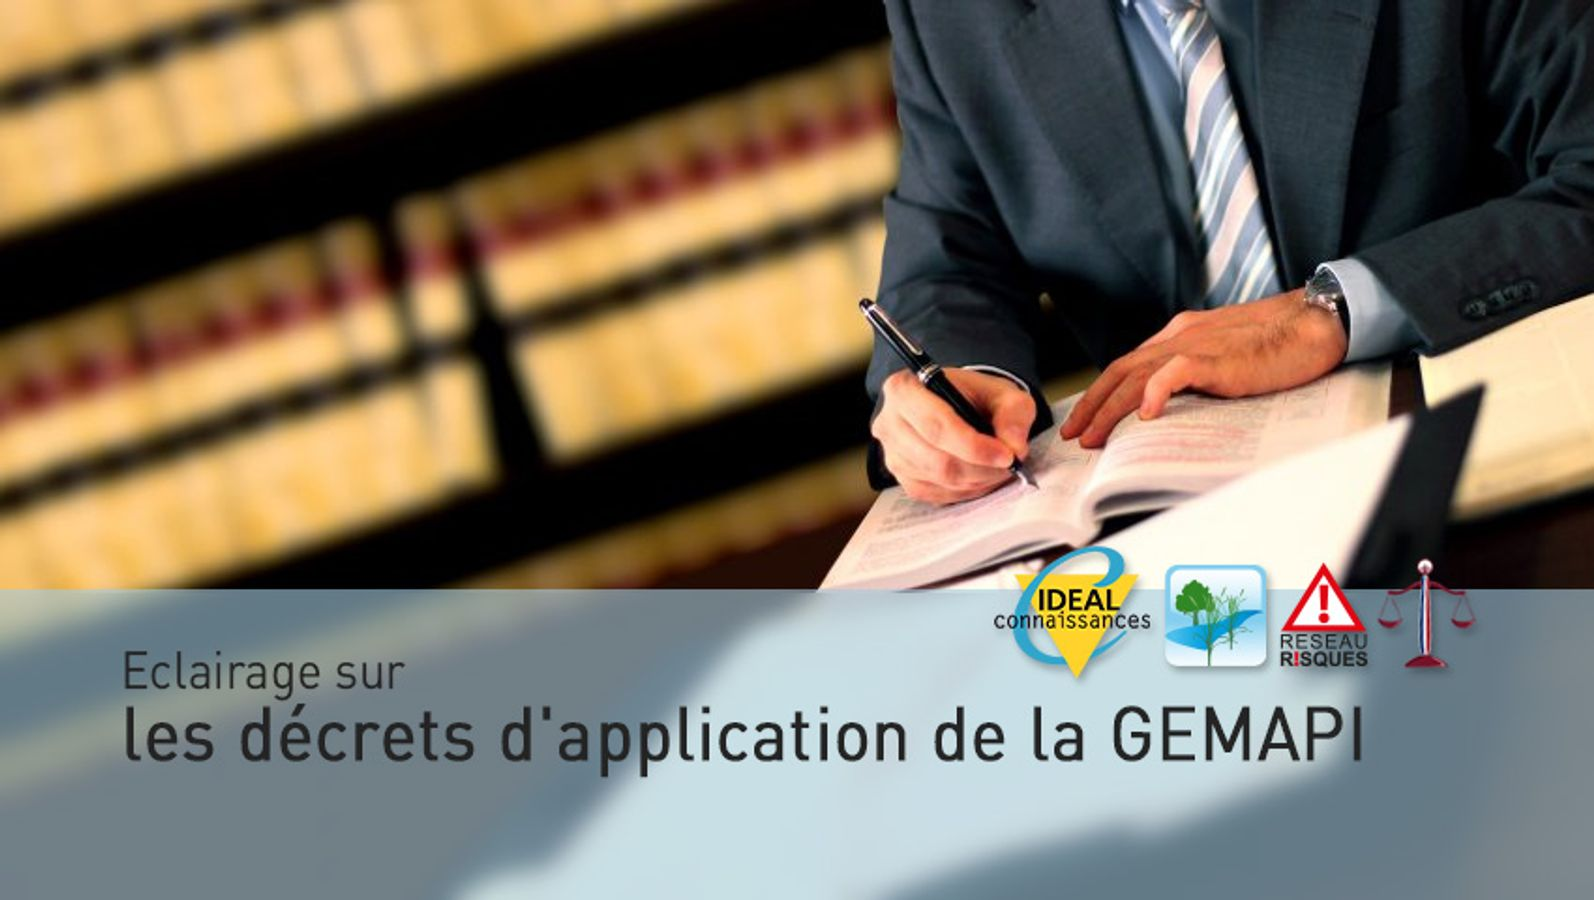 Eclairage sur les décrets d'application de la GEMAPI